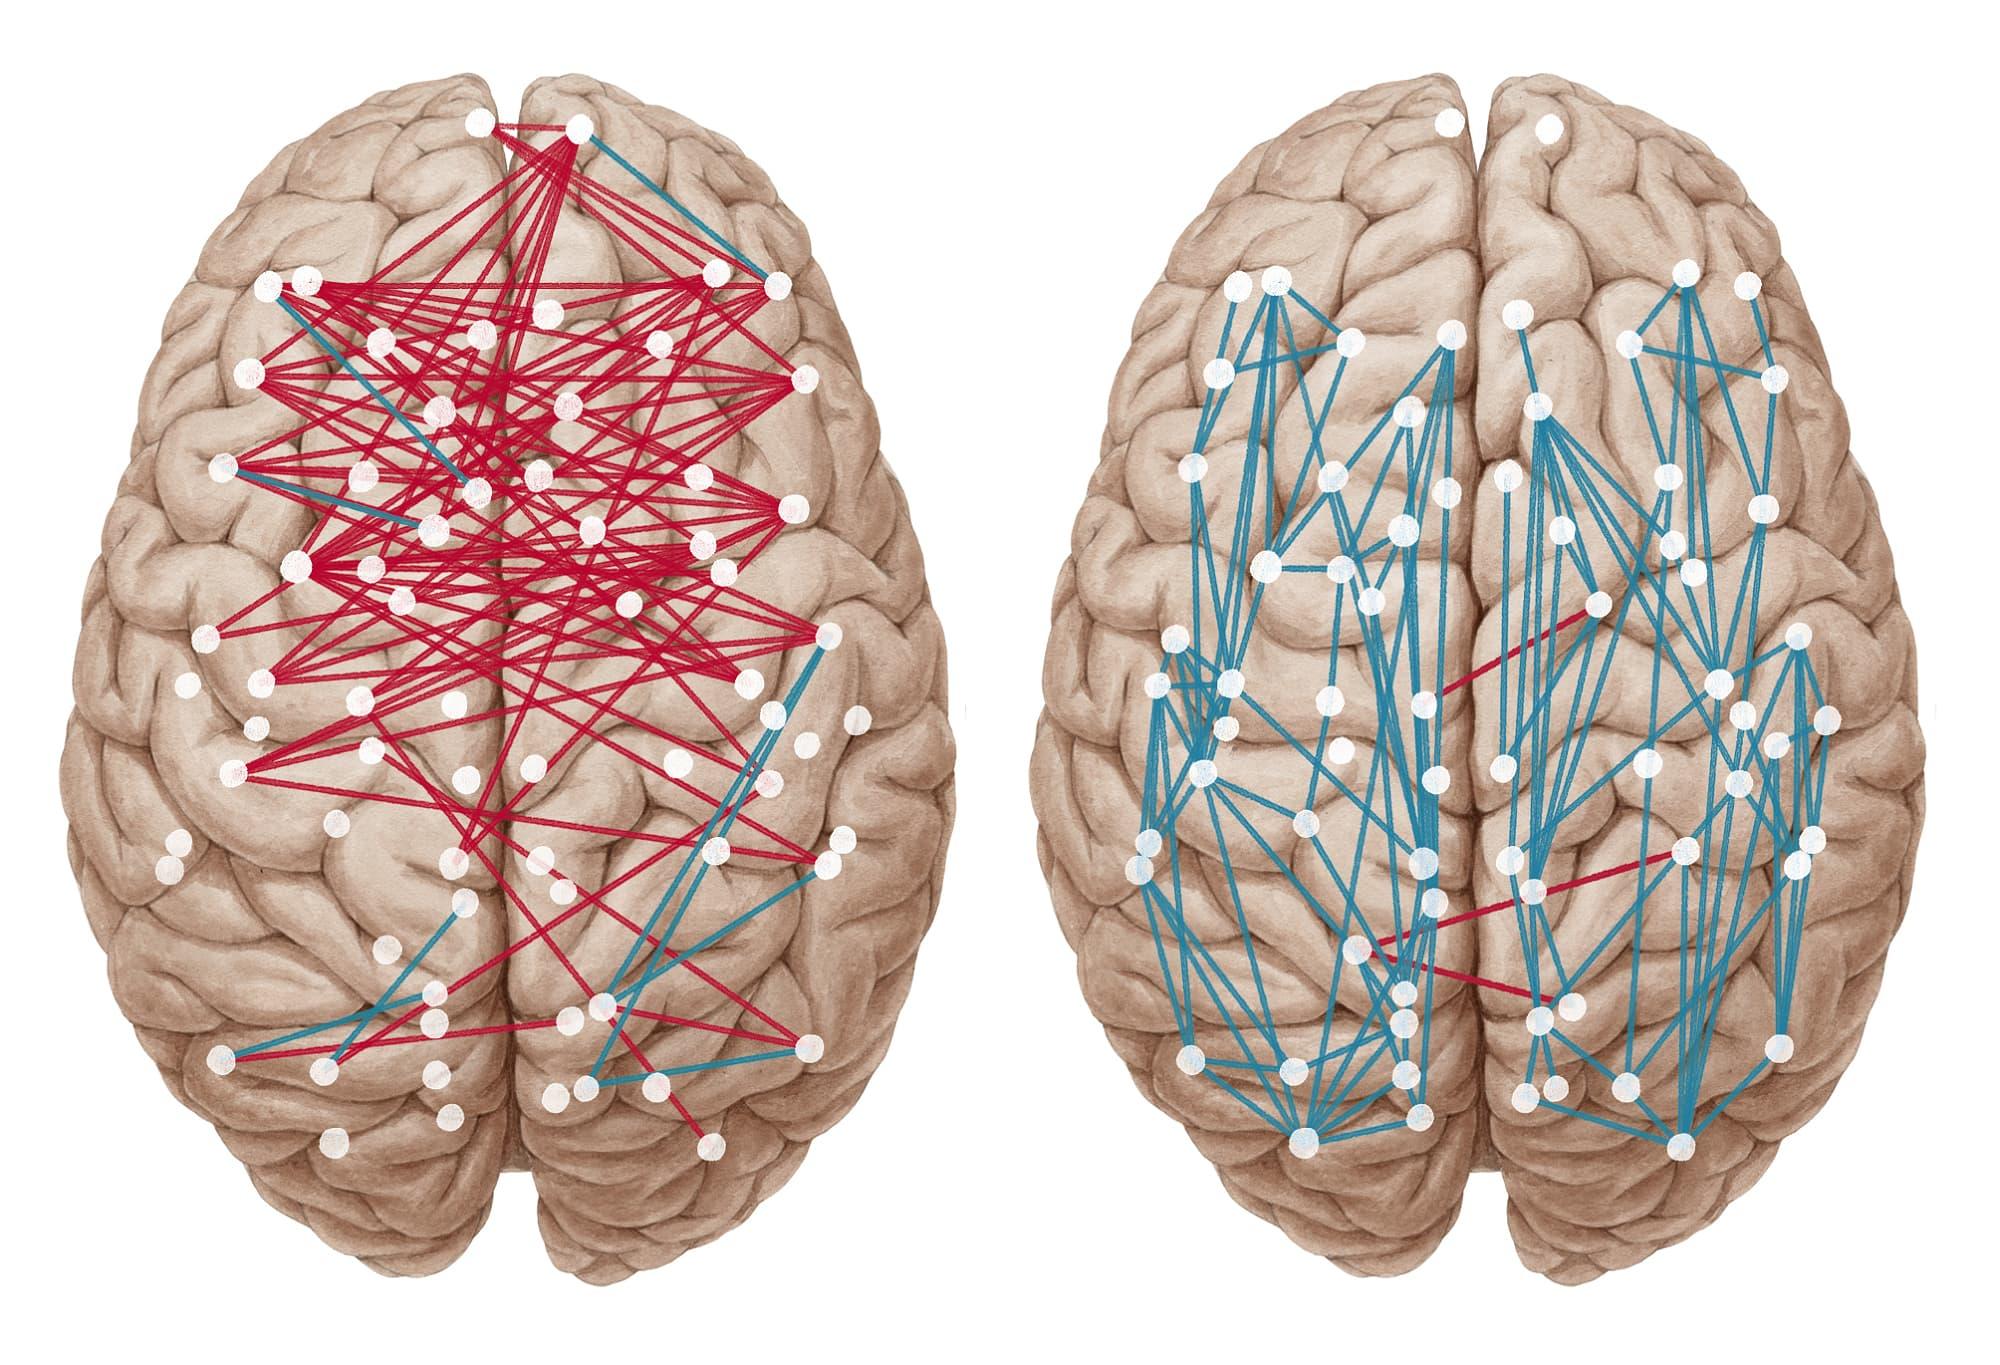 Gibt es Geschlechterunterschiede im Gehirn? - Spektrum der Wissenschaft